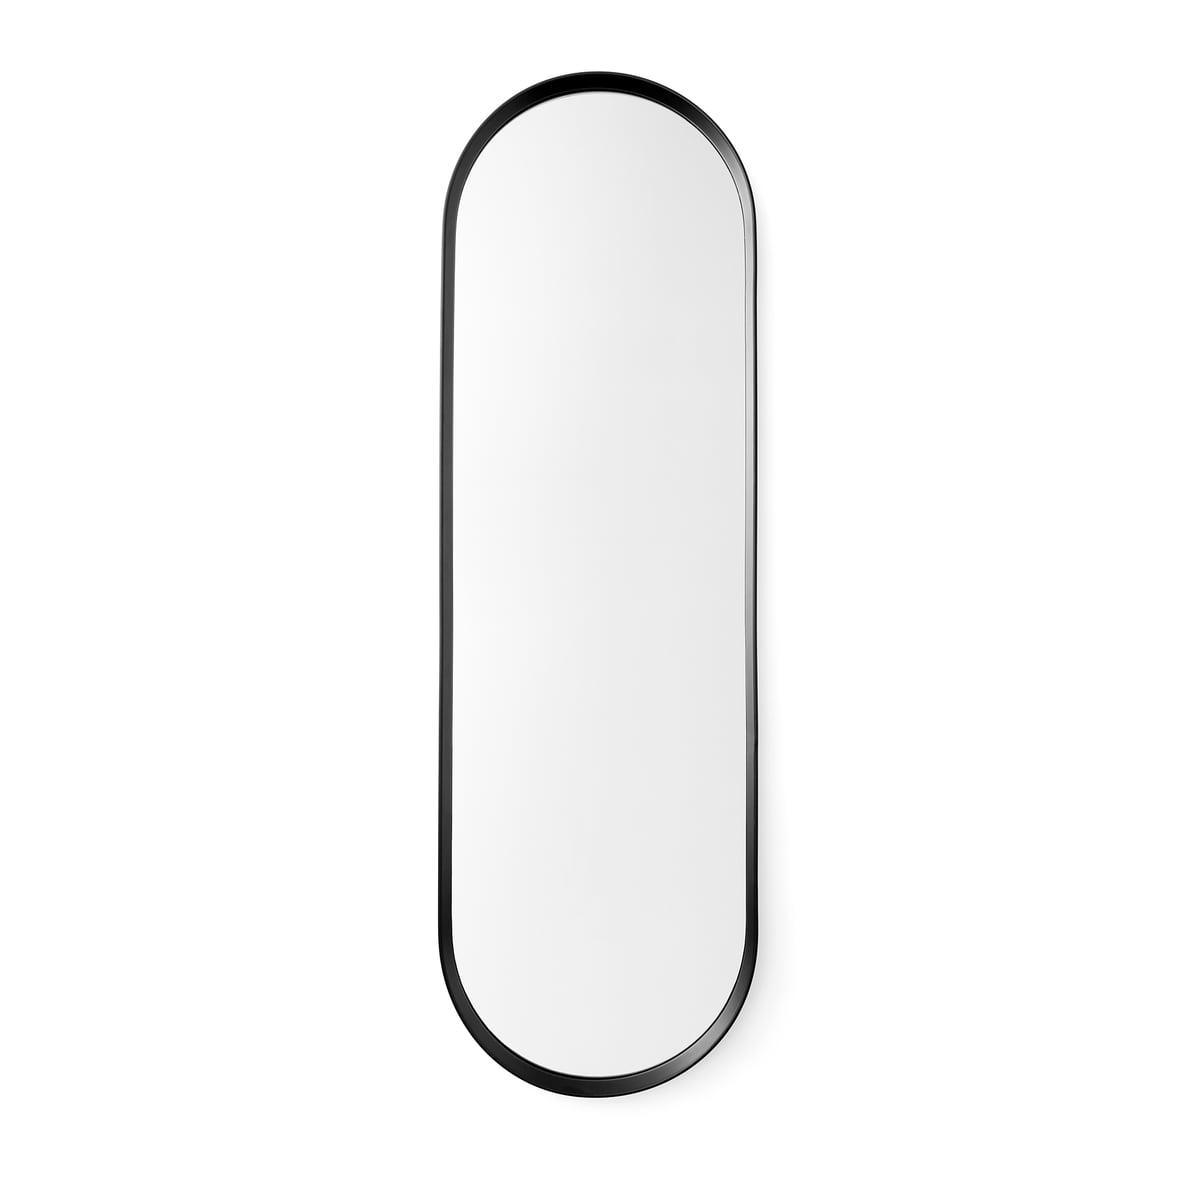 ovalt spejl Norm ovalt spejl fra Menu | Connox interiørshop ovalt spejl